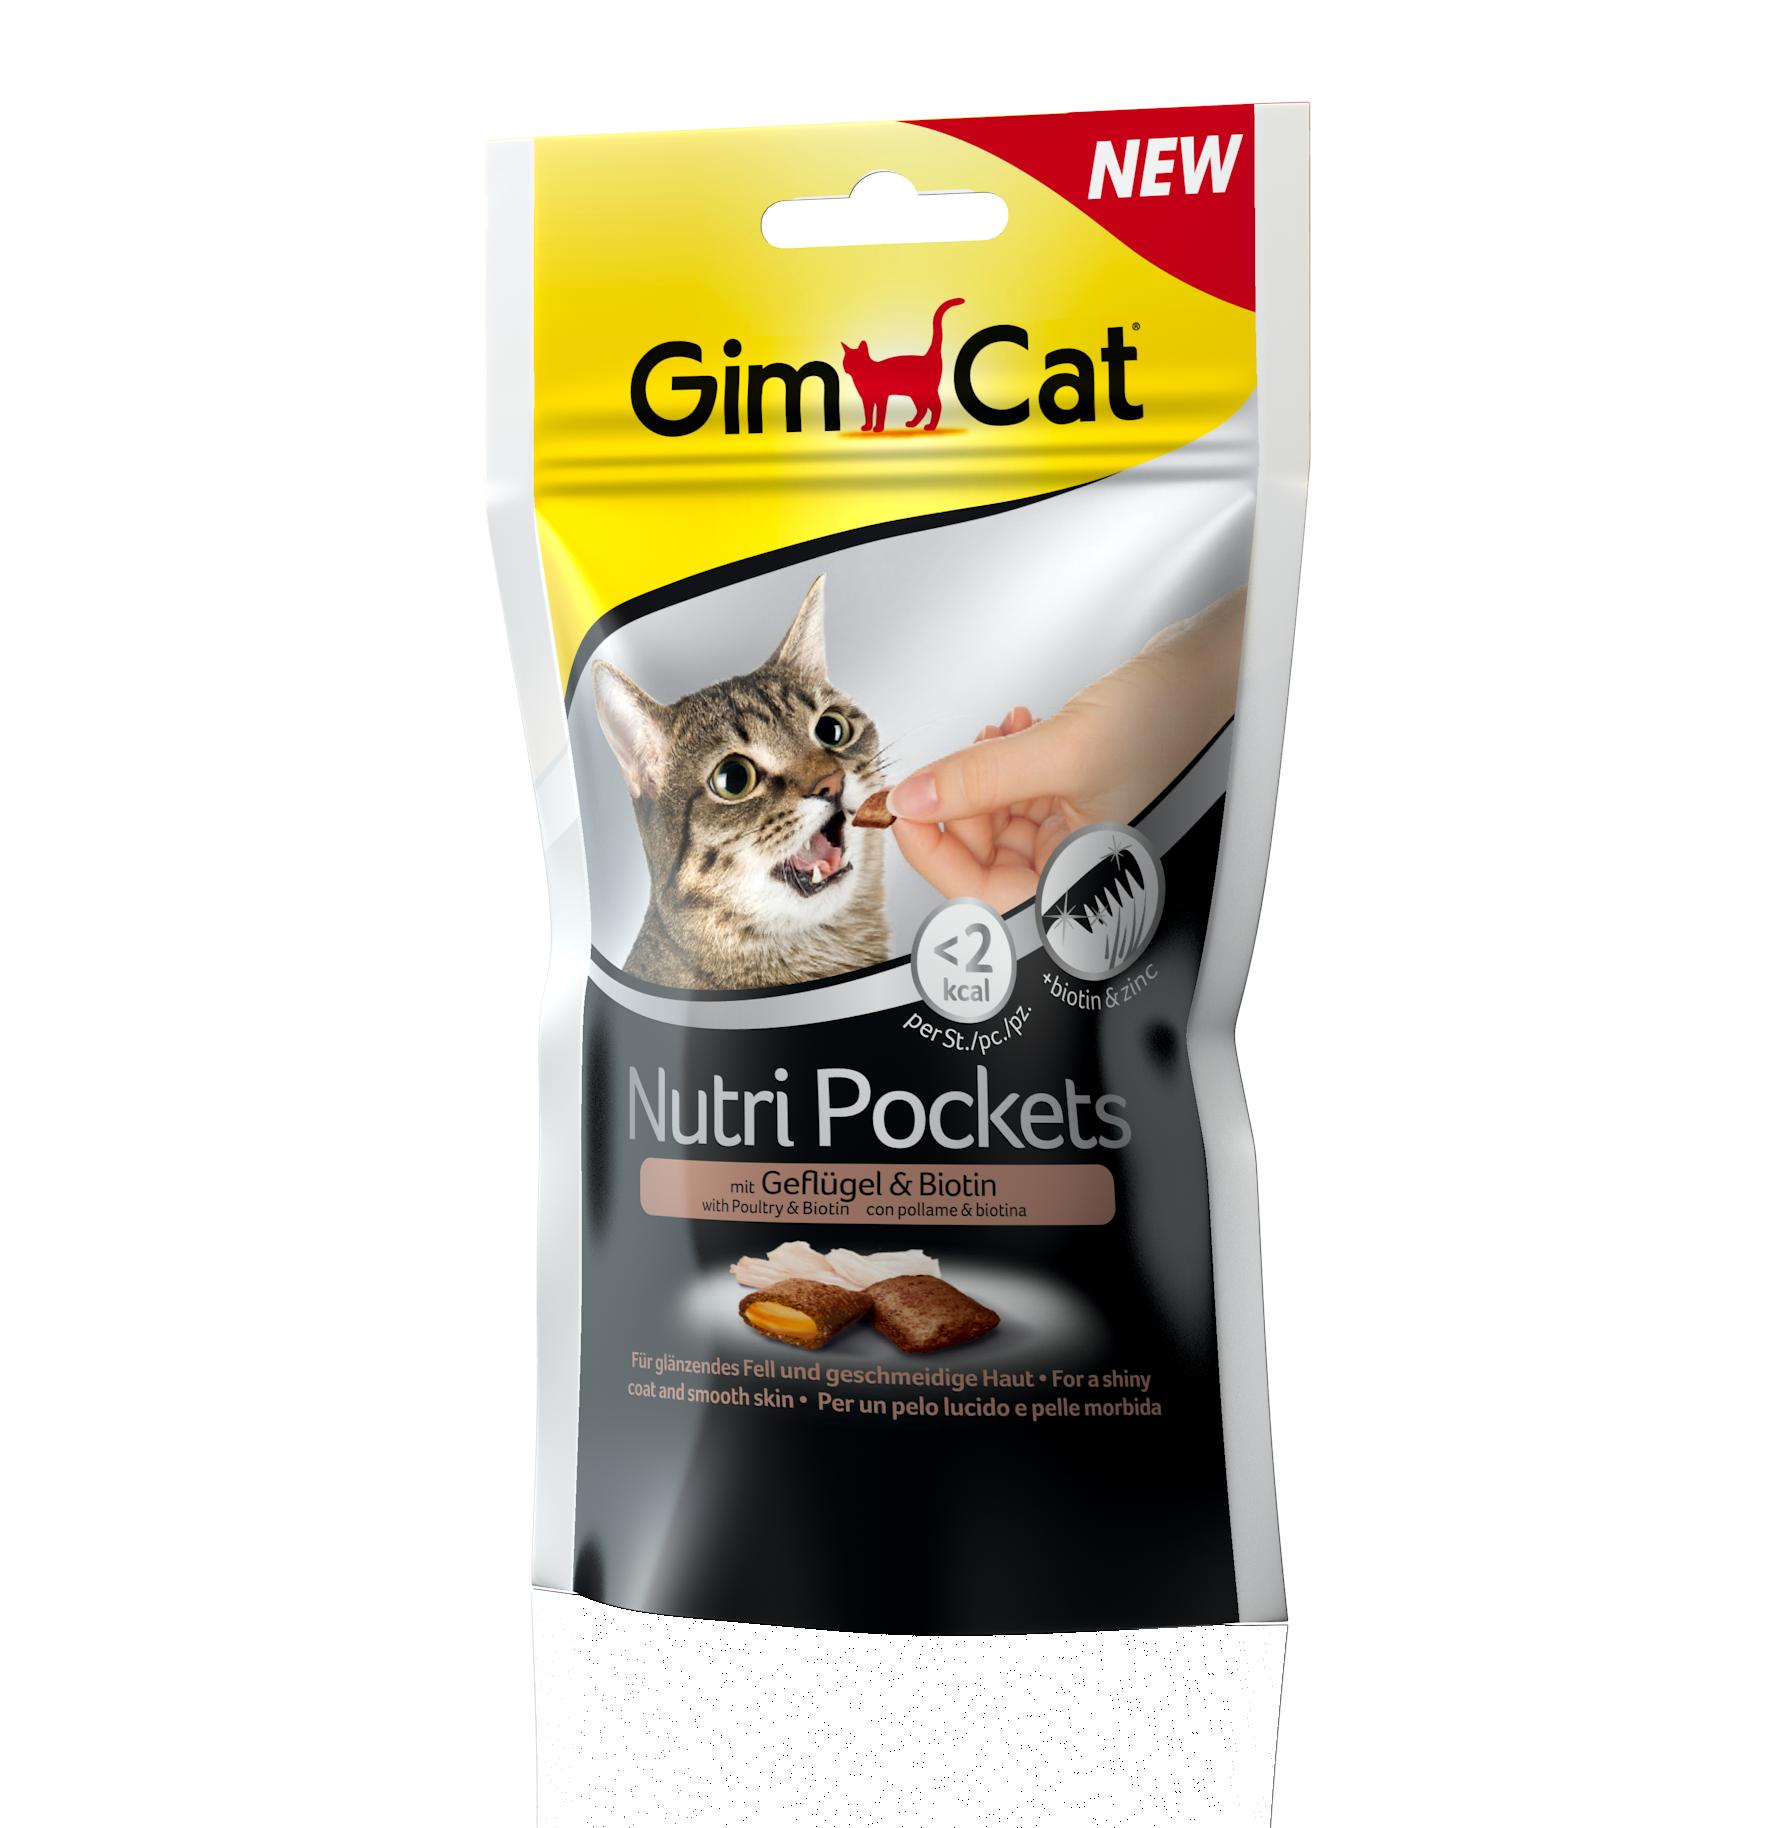 Fotografie GimCat Nutri Pockets drůbež a biotin 60g GIMBORN